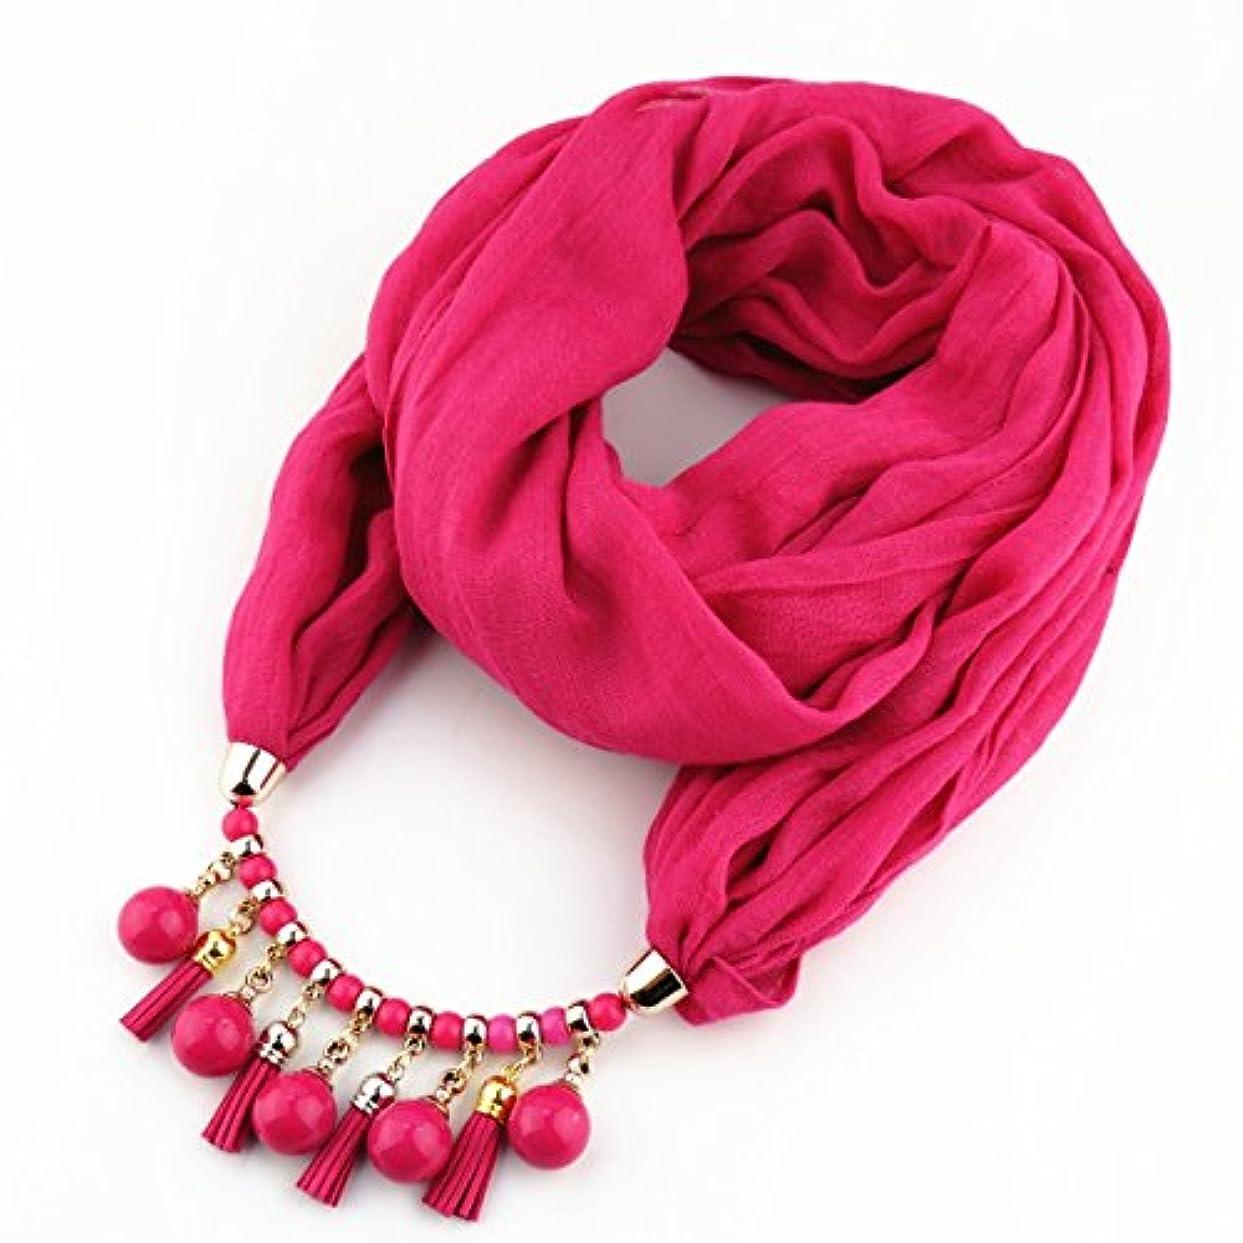 ディンカルビルドーム造船レディース?ショール - 女性のスカーフ2018ファッションアクリルペンダントポリスターインフィニティスカーフソリッドオールシーズンズパープルローズイエローグリーンブルーピンクレッド 家の装飾 ( Color : Rose )